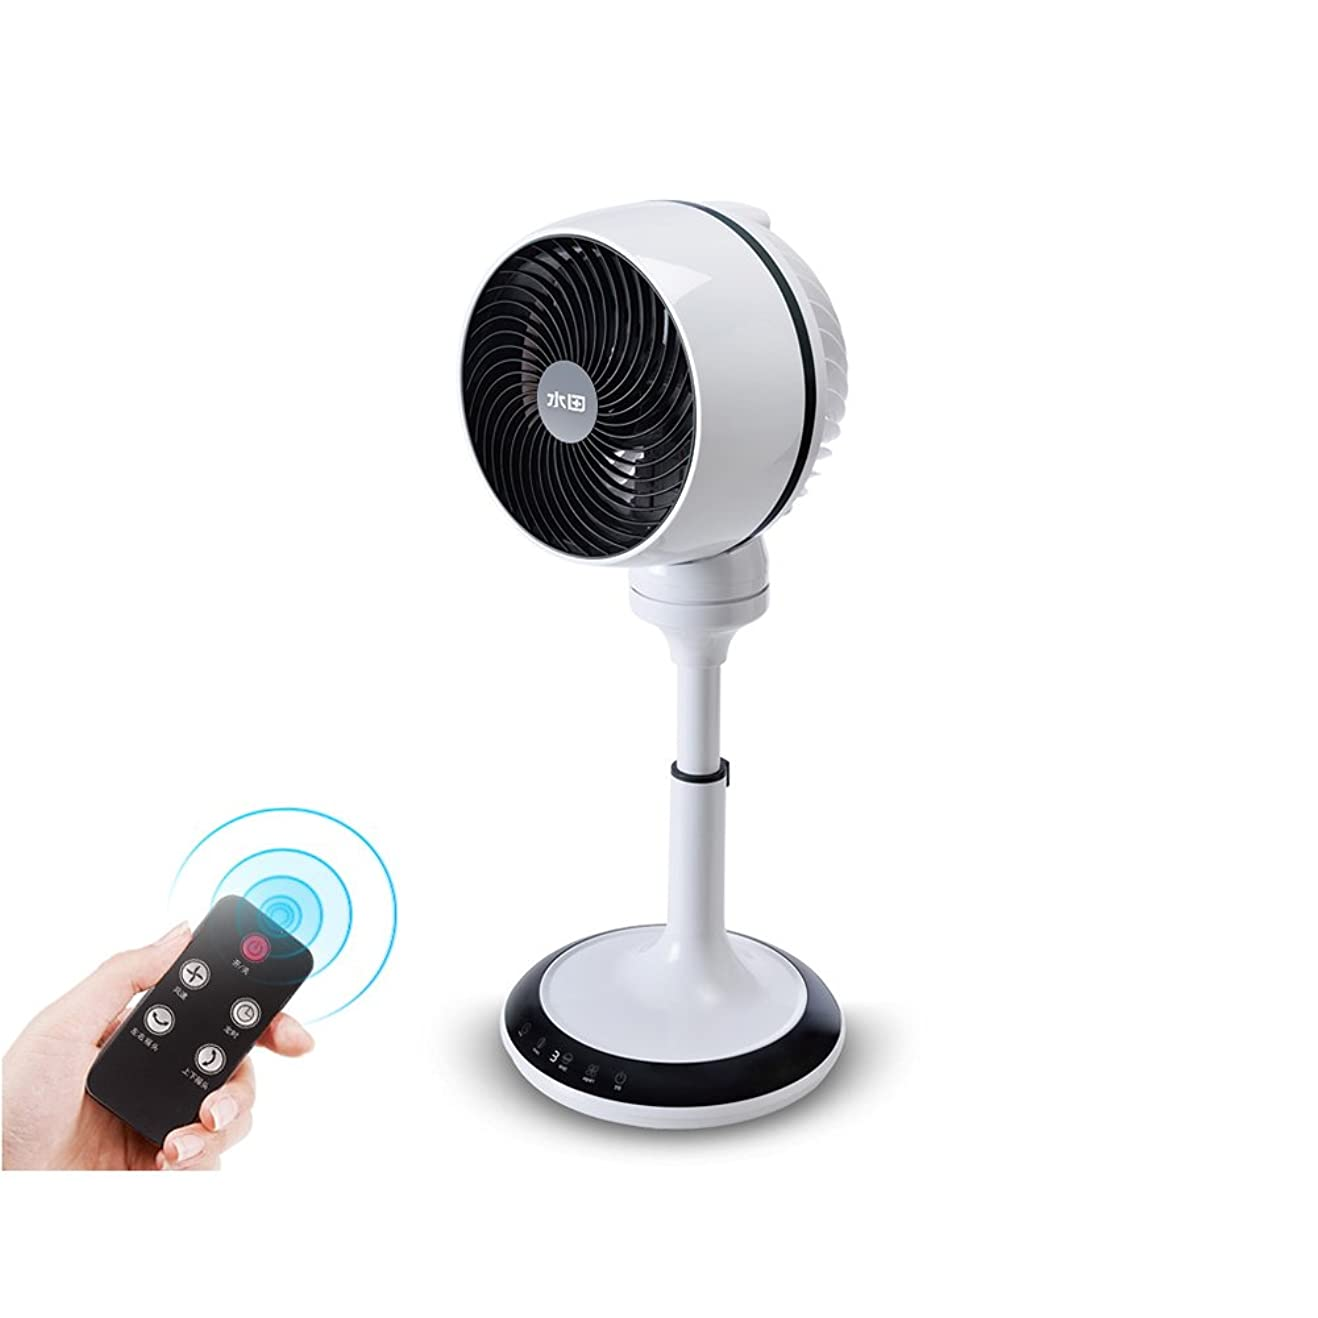 サイレンシステムクリップXINGZHE ファンホーム霧化空気循環ファン電動ファン床ファン空気対流デスクトップホーム揺れヘッドリモートコントロールタイミング-28.6 * 28.6 * 69センチ 家庭用器具